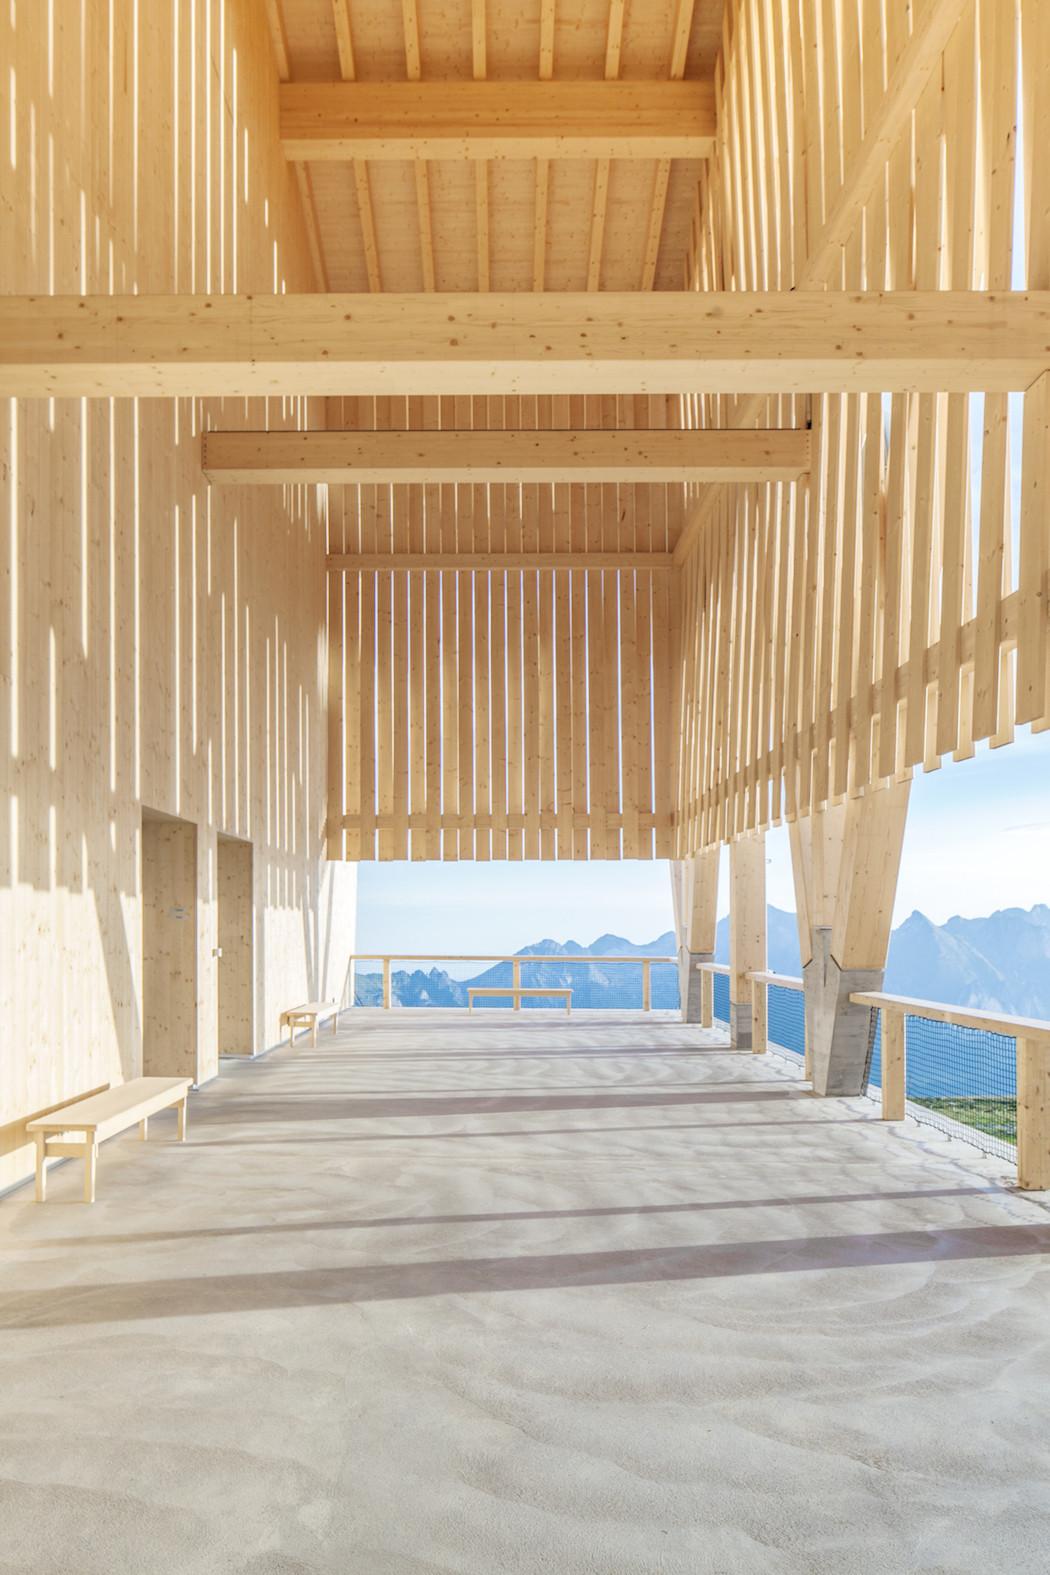 gipfelrestaurant_architecture_011-1050x1575